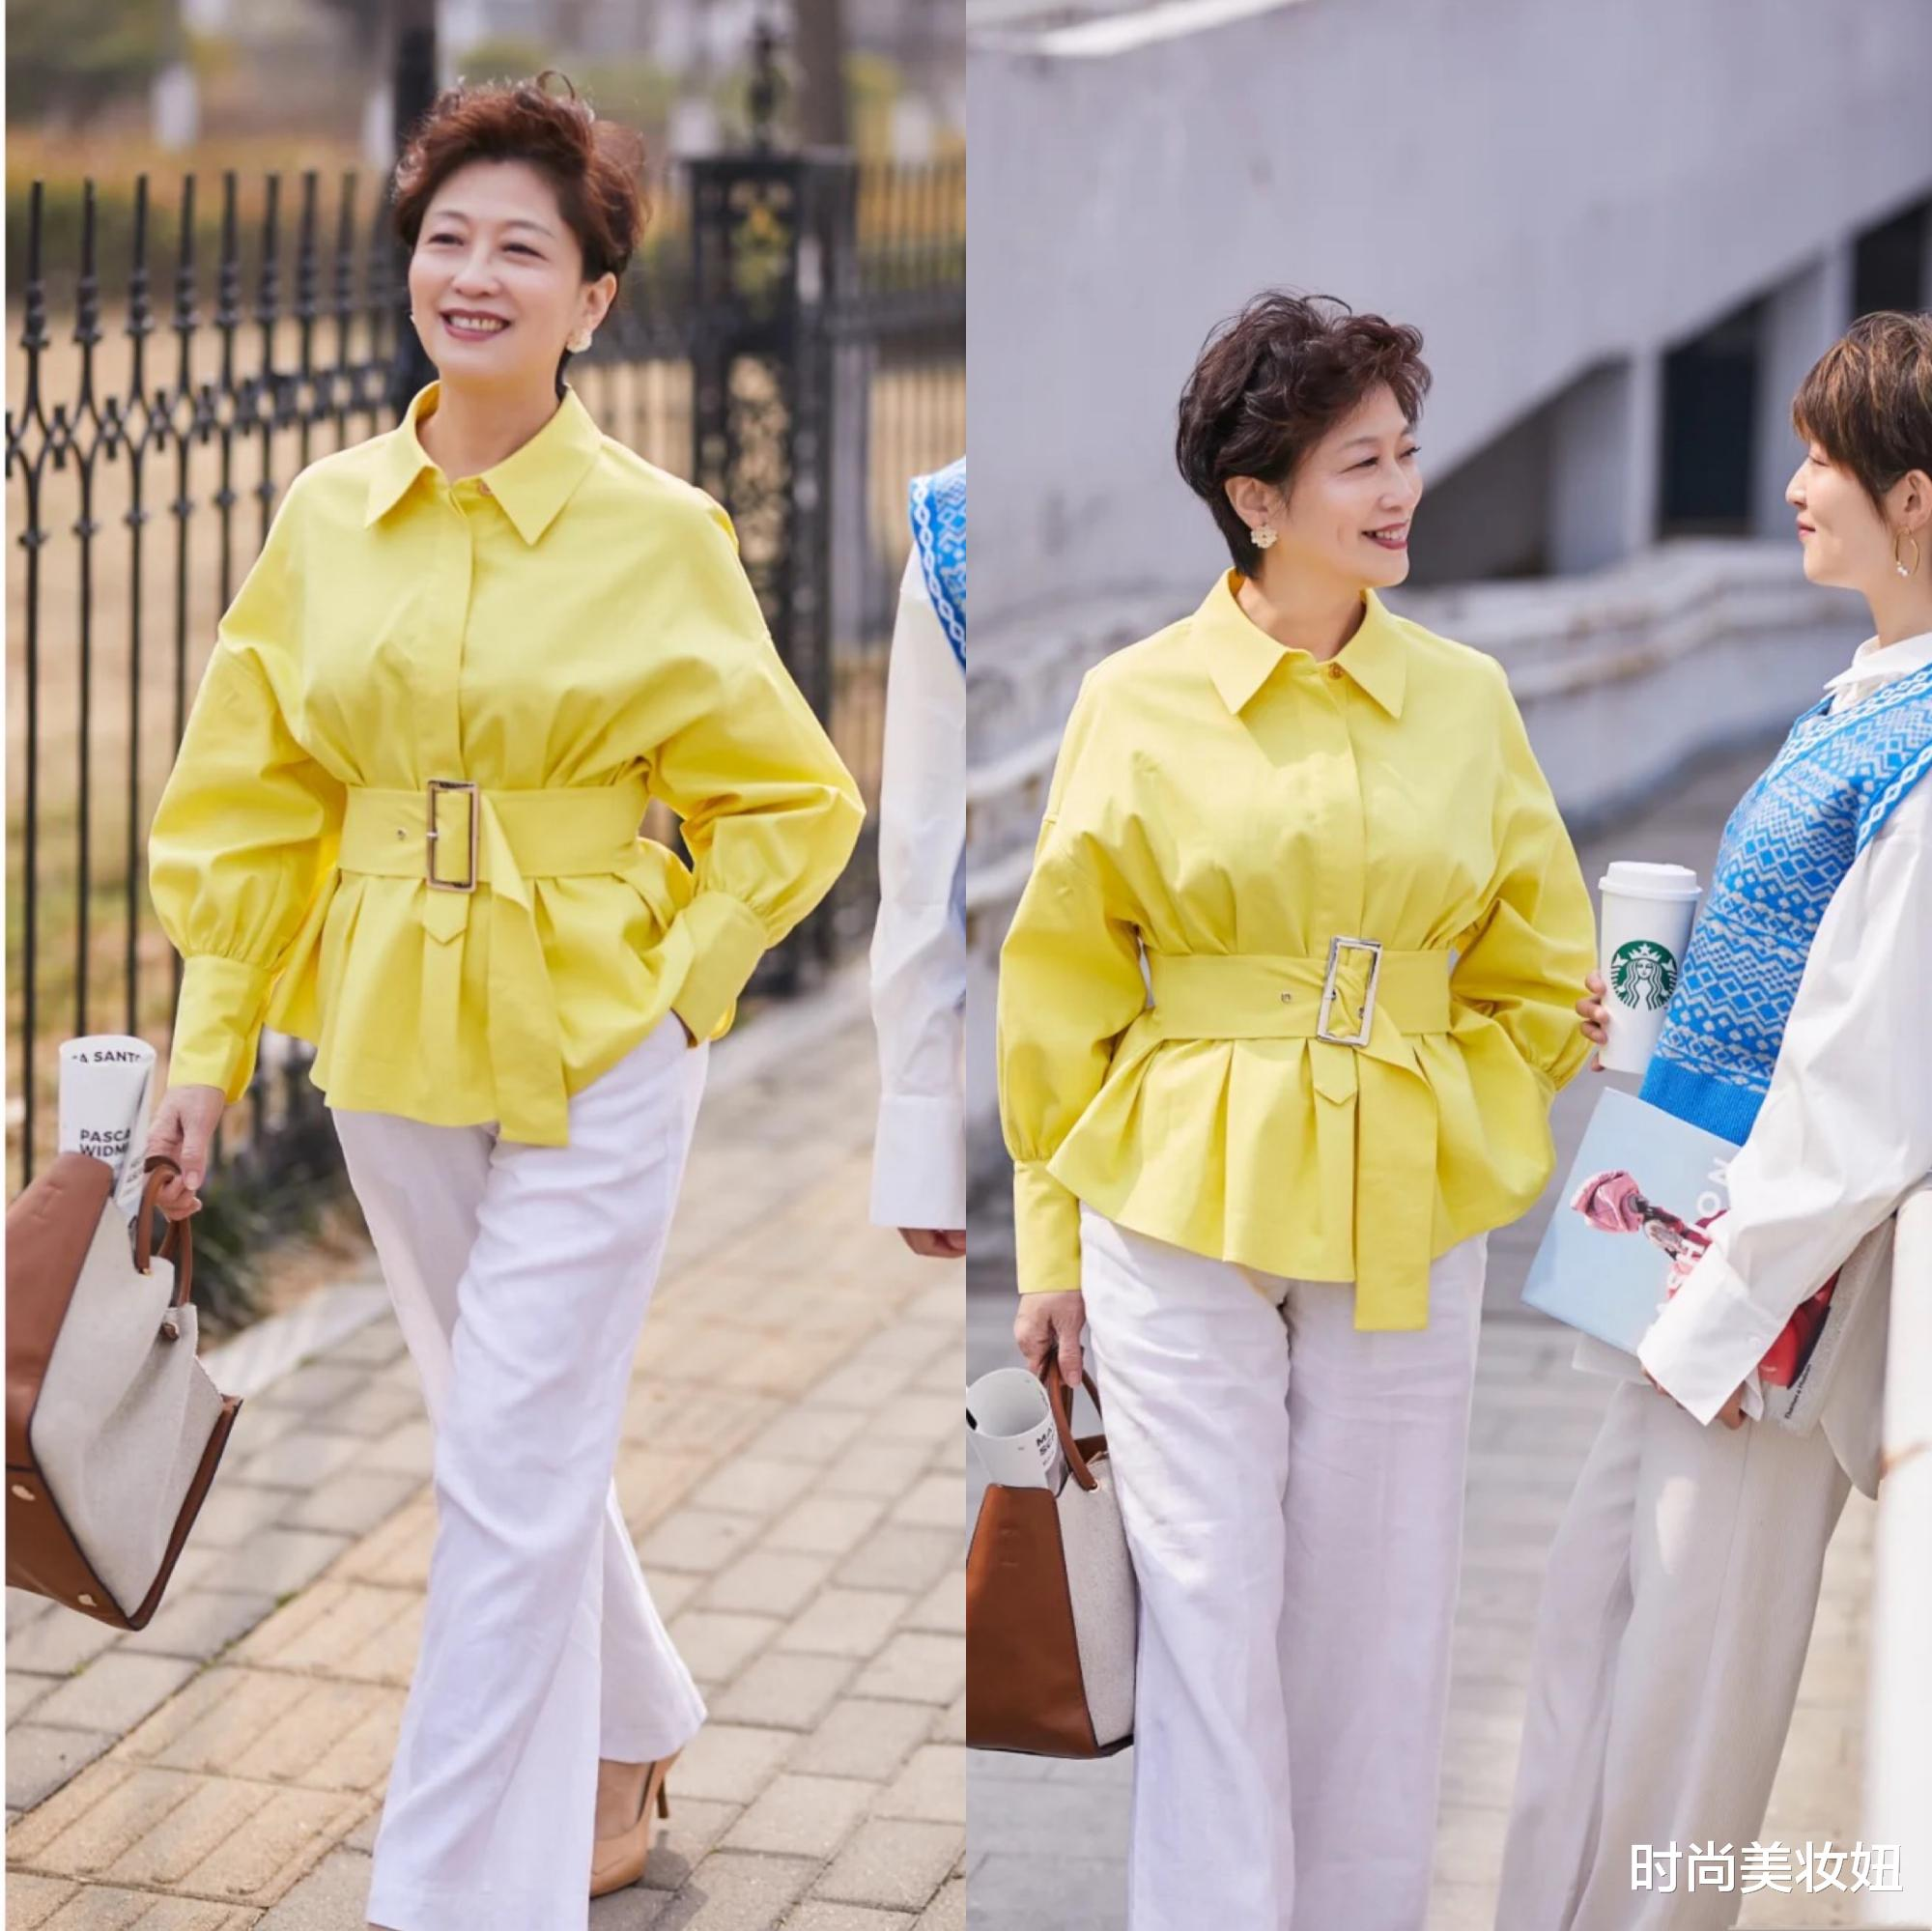 这才是60岁该有的高级穿搭,时髦洋气又减龄,照穿气质翻倍_娱乐新闻图片